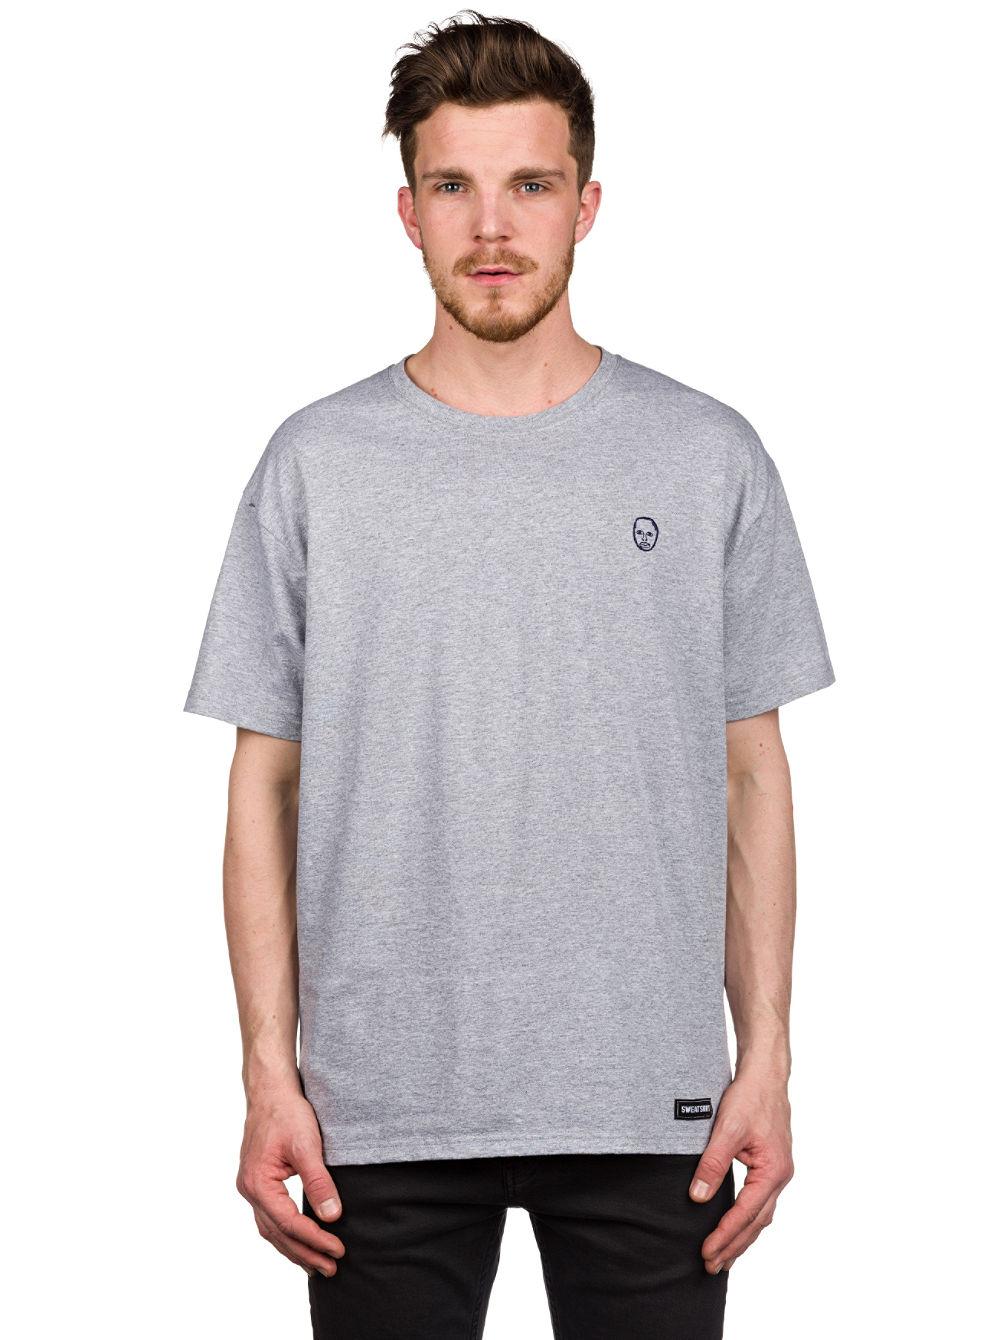 association-t-shirt